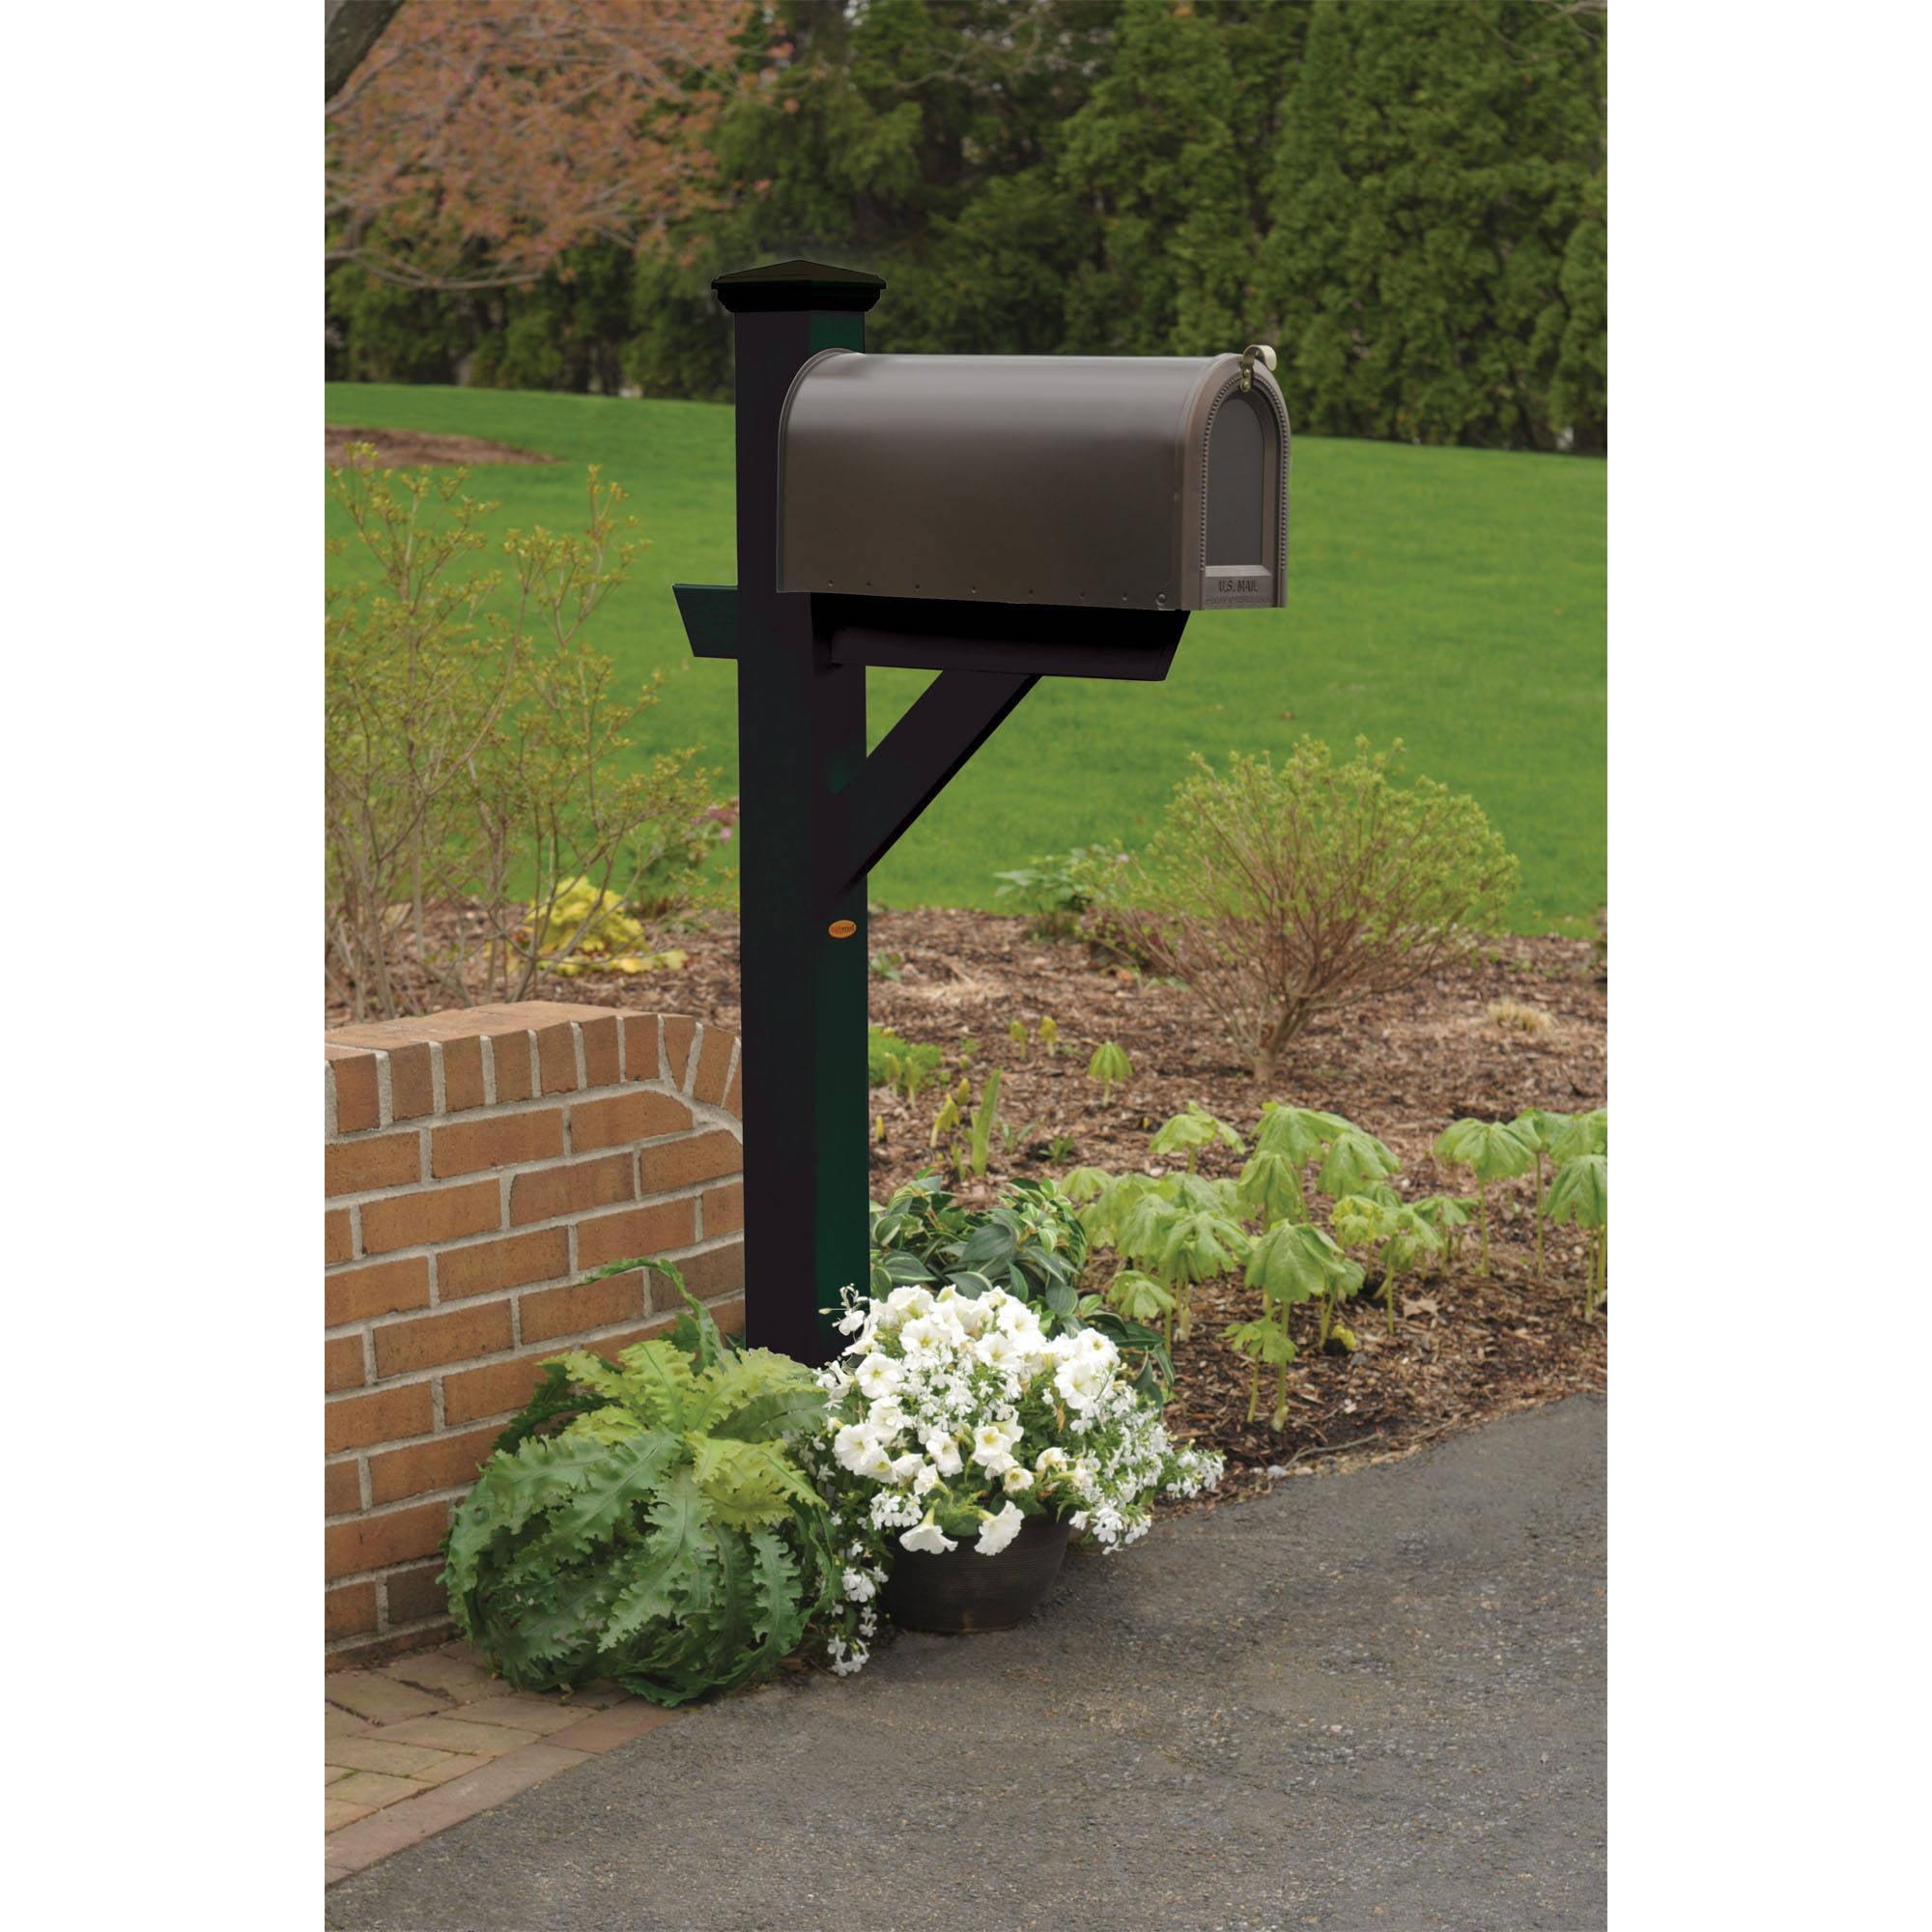 Highwood Eco-Friendly Hazleton Mailbox Post